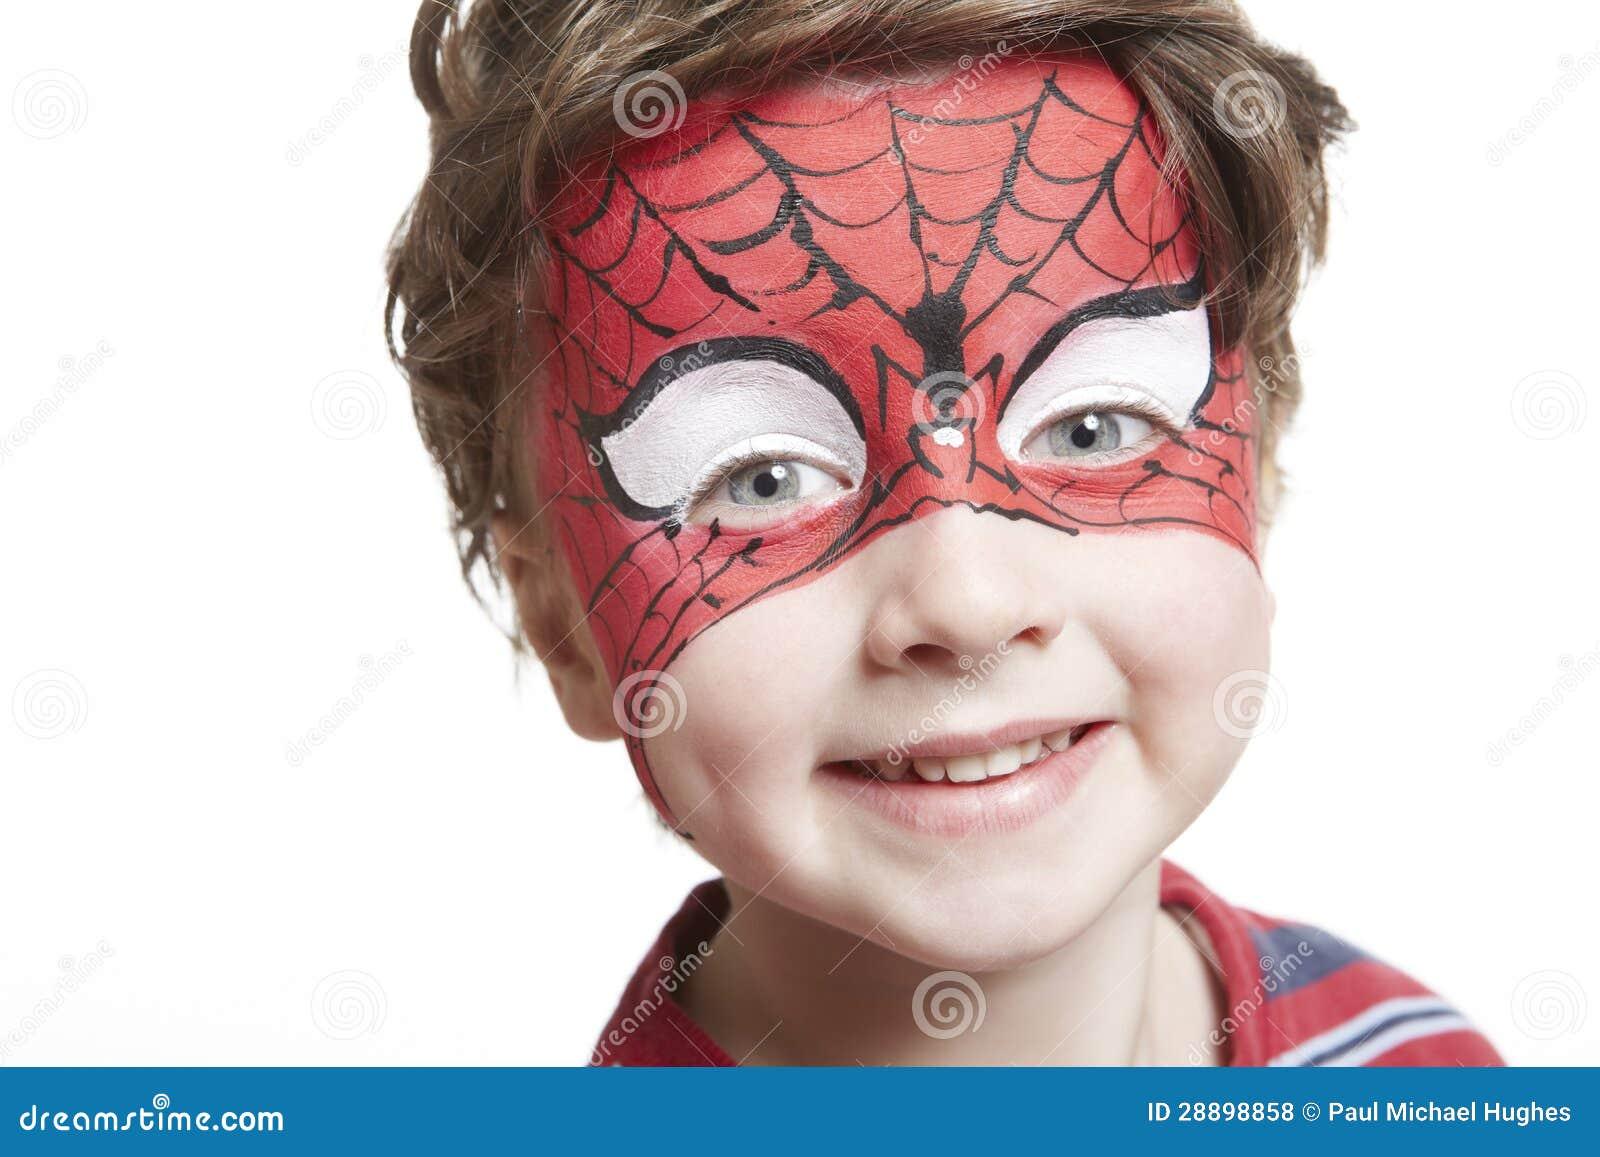 maquillage spiderman visage. Black Bedroom Furniture Sets. Home Design Ideas